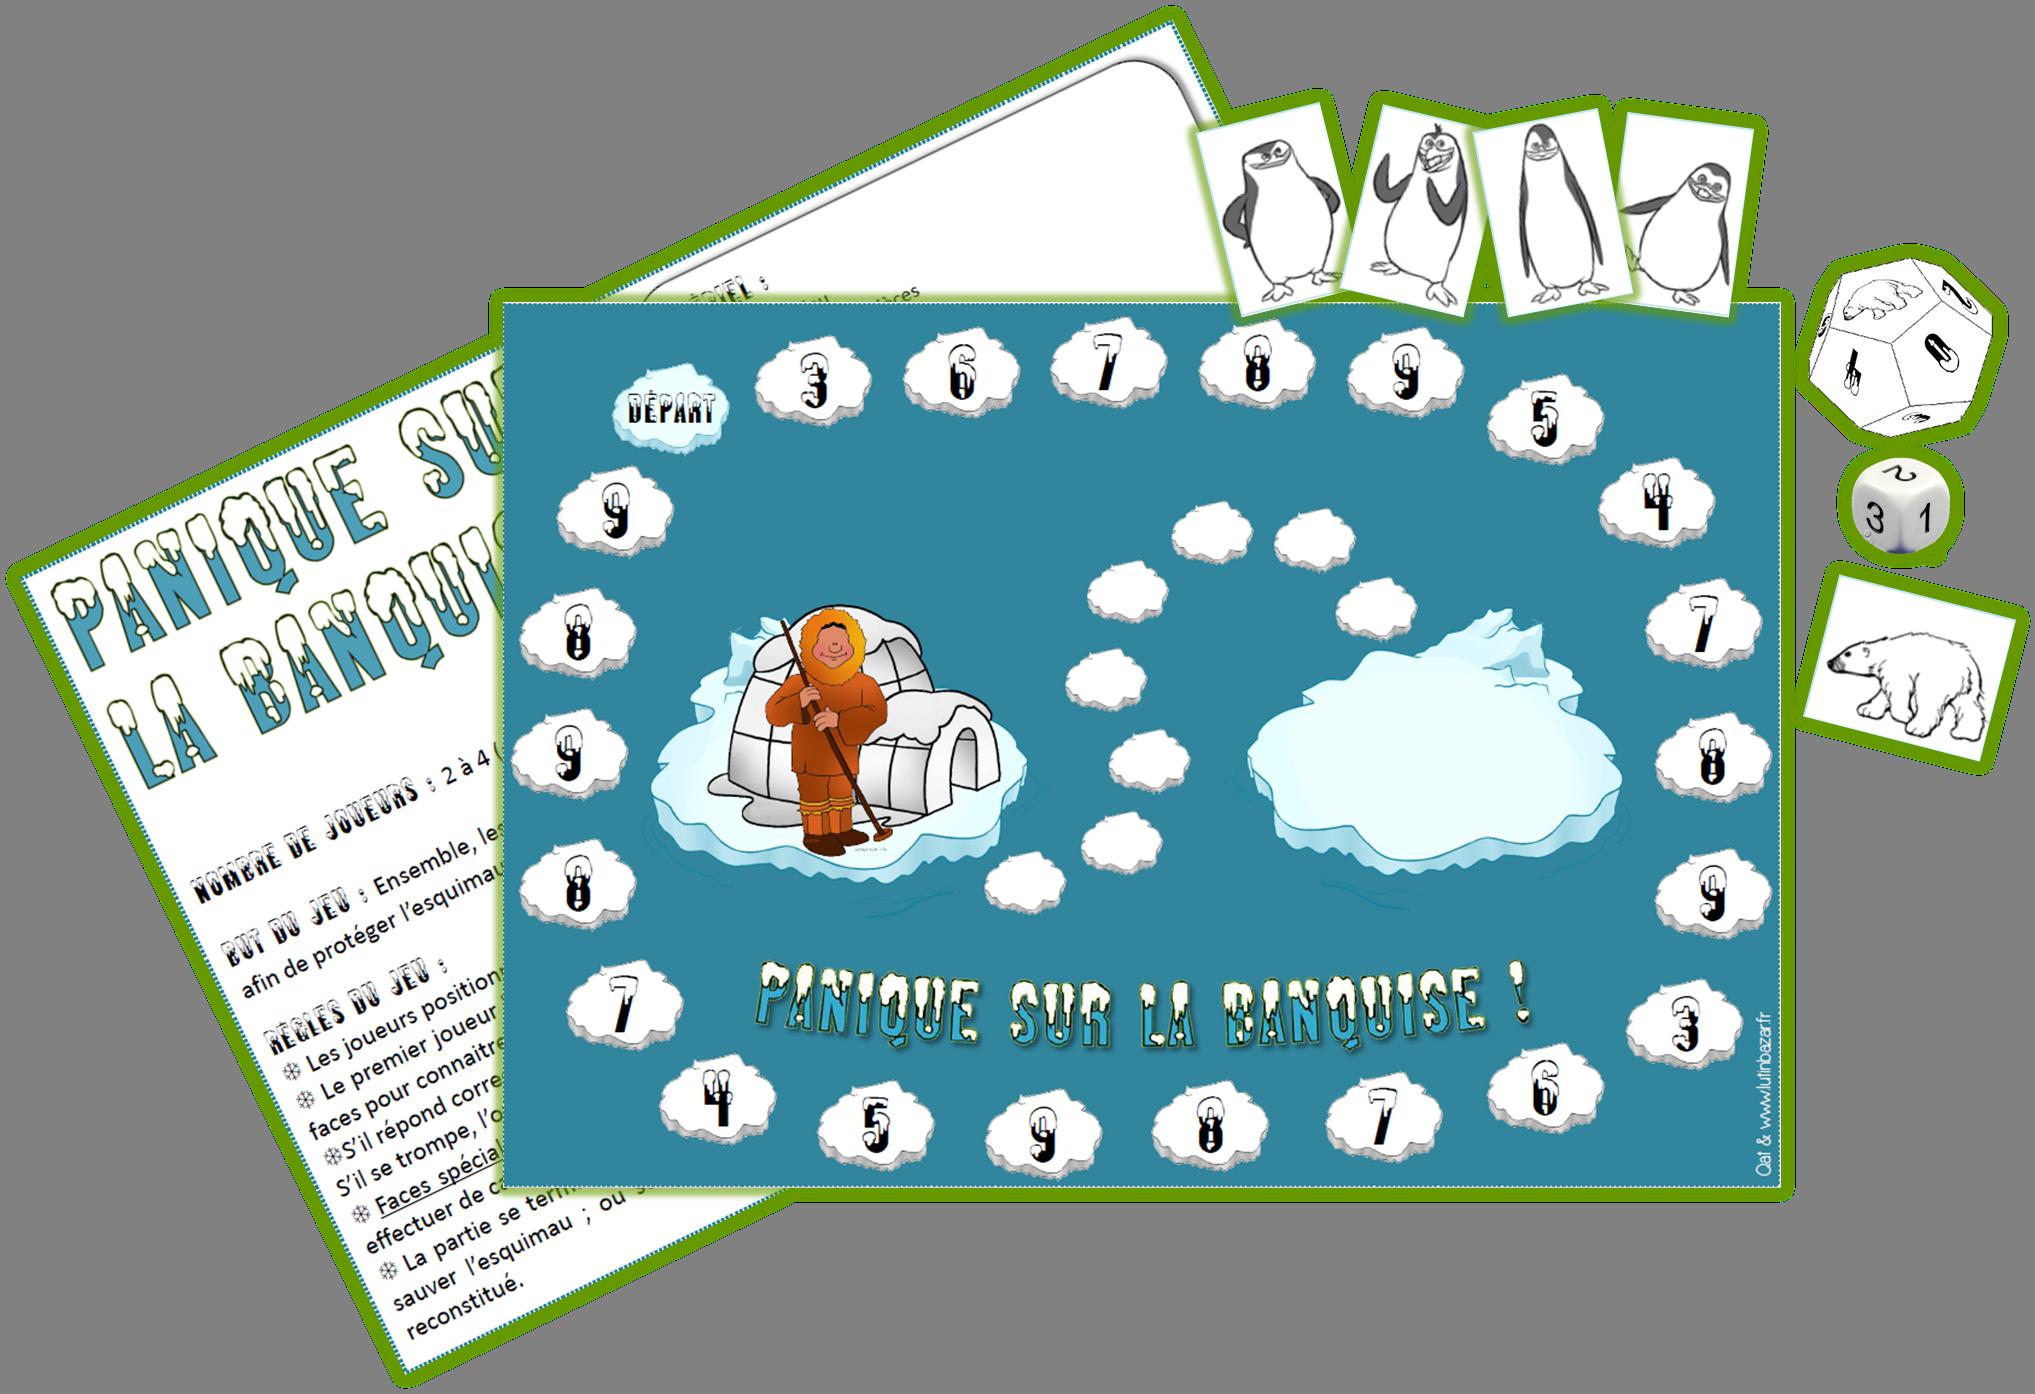 Jeu de 20 dés à 8 faces pour jeu de table pratique des mathématiques